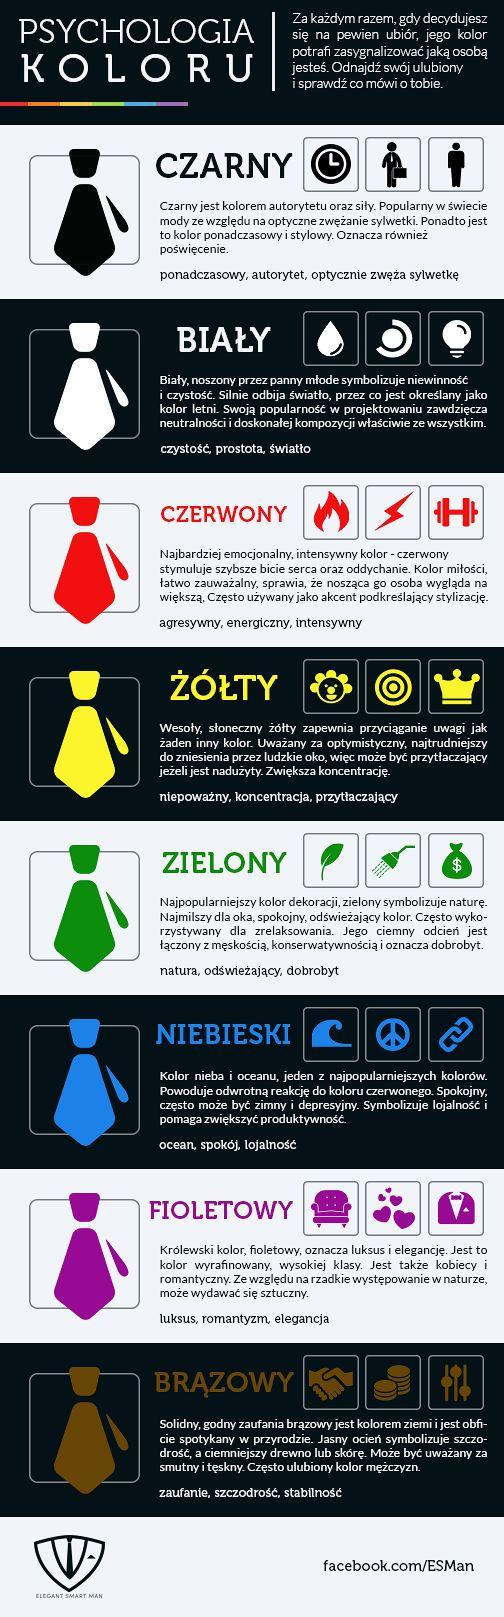 psychologia koloru znaczenie czerń biel czerwony żółty zielony niebieski infografika